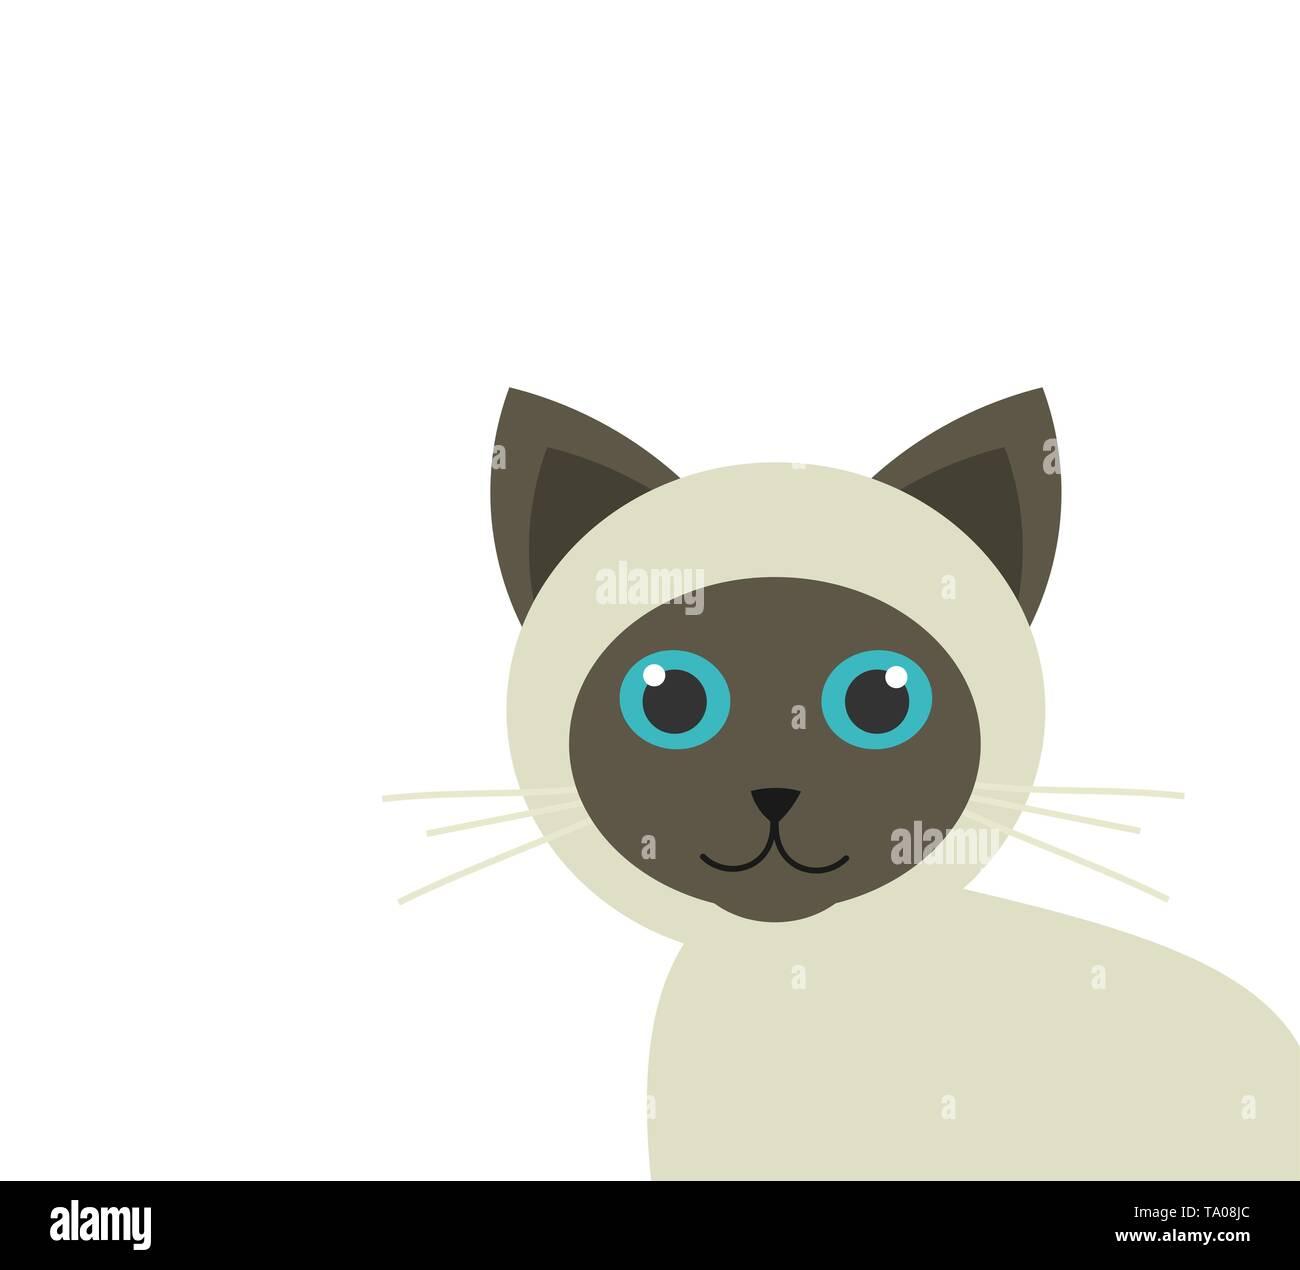 Cute siamese kitten. Vector illustration - Stock Image